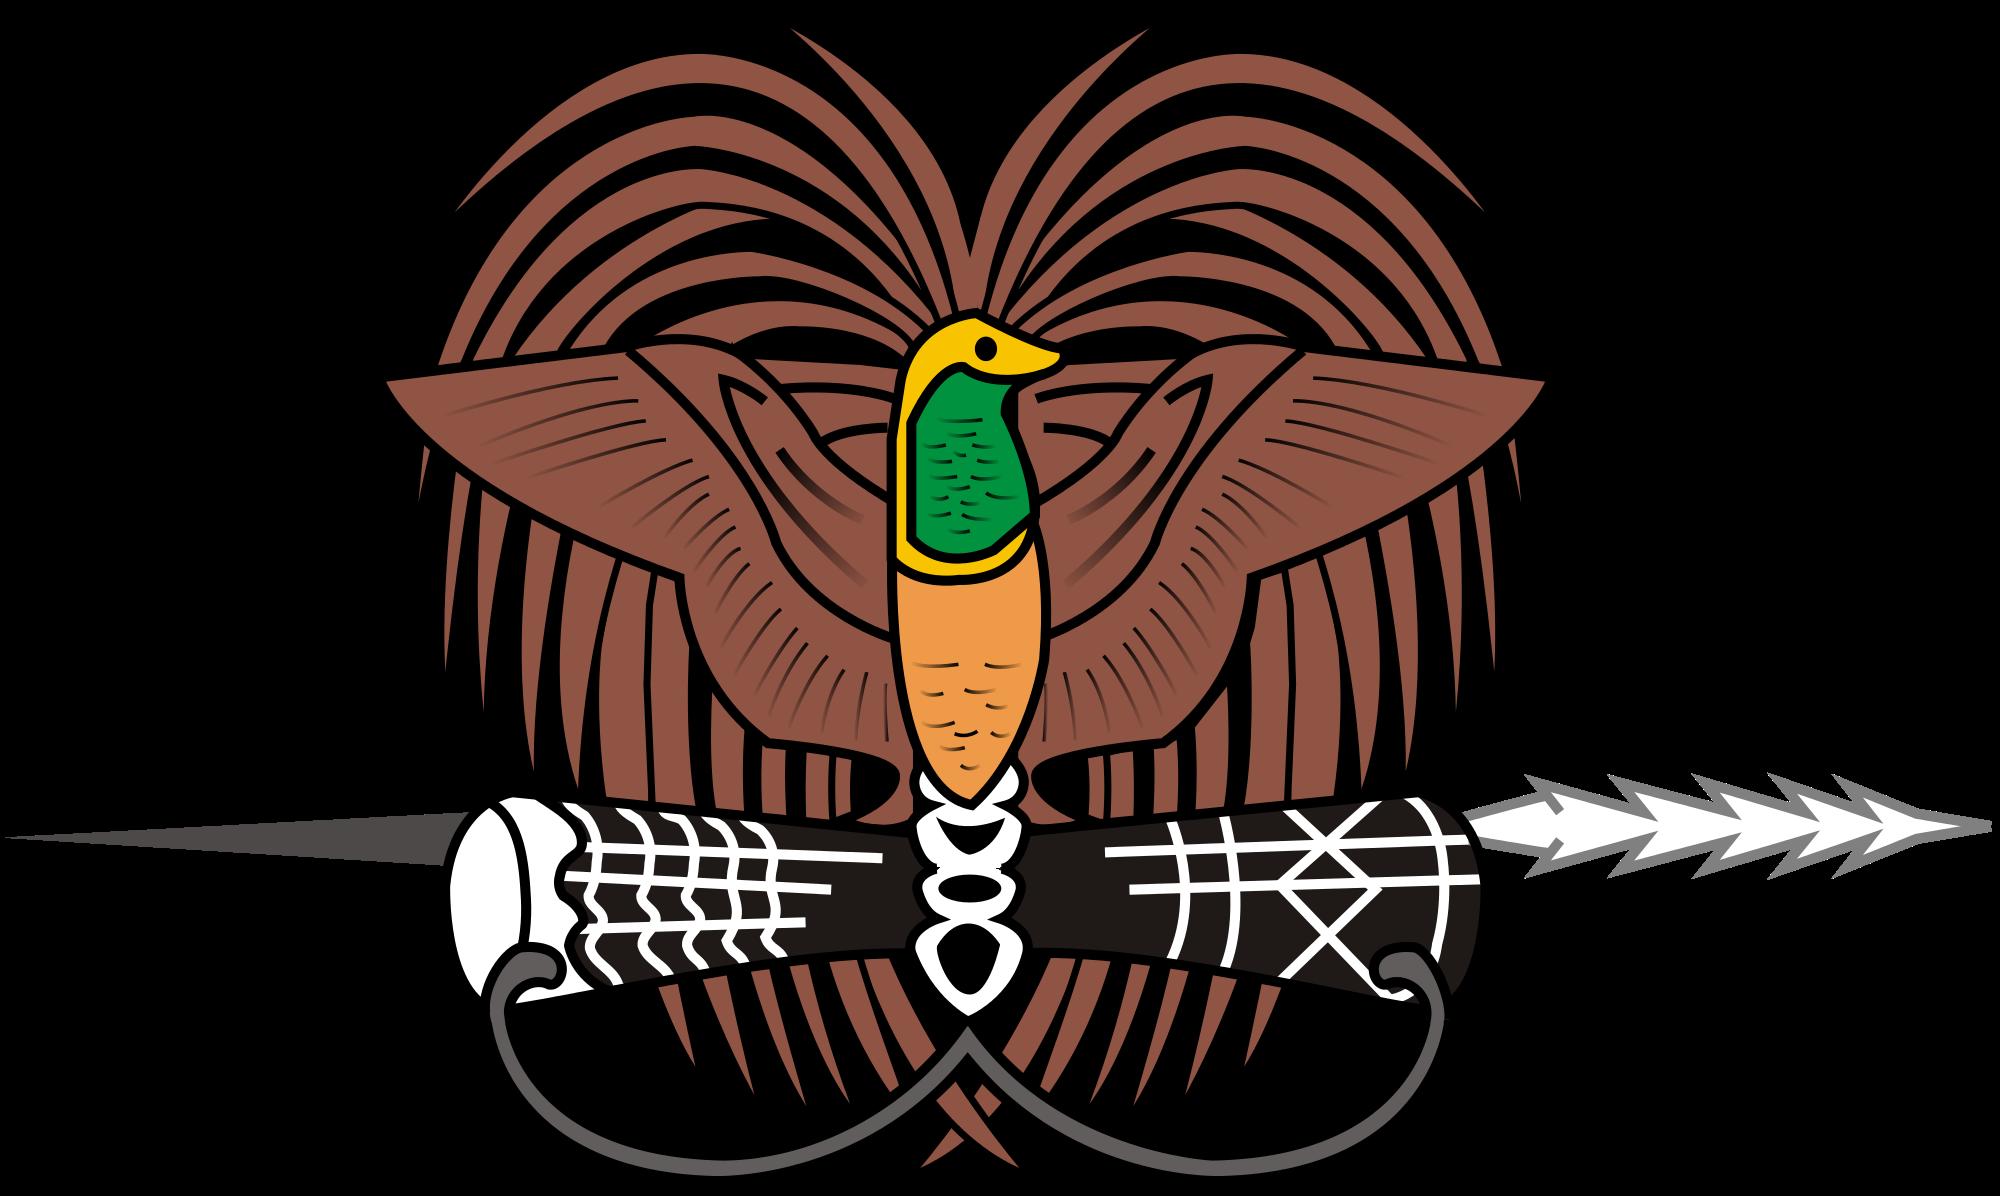 Wapenschild van Papoea-Nieuw-Guinea